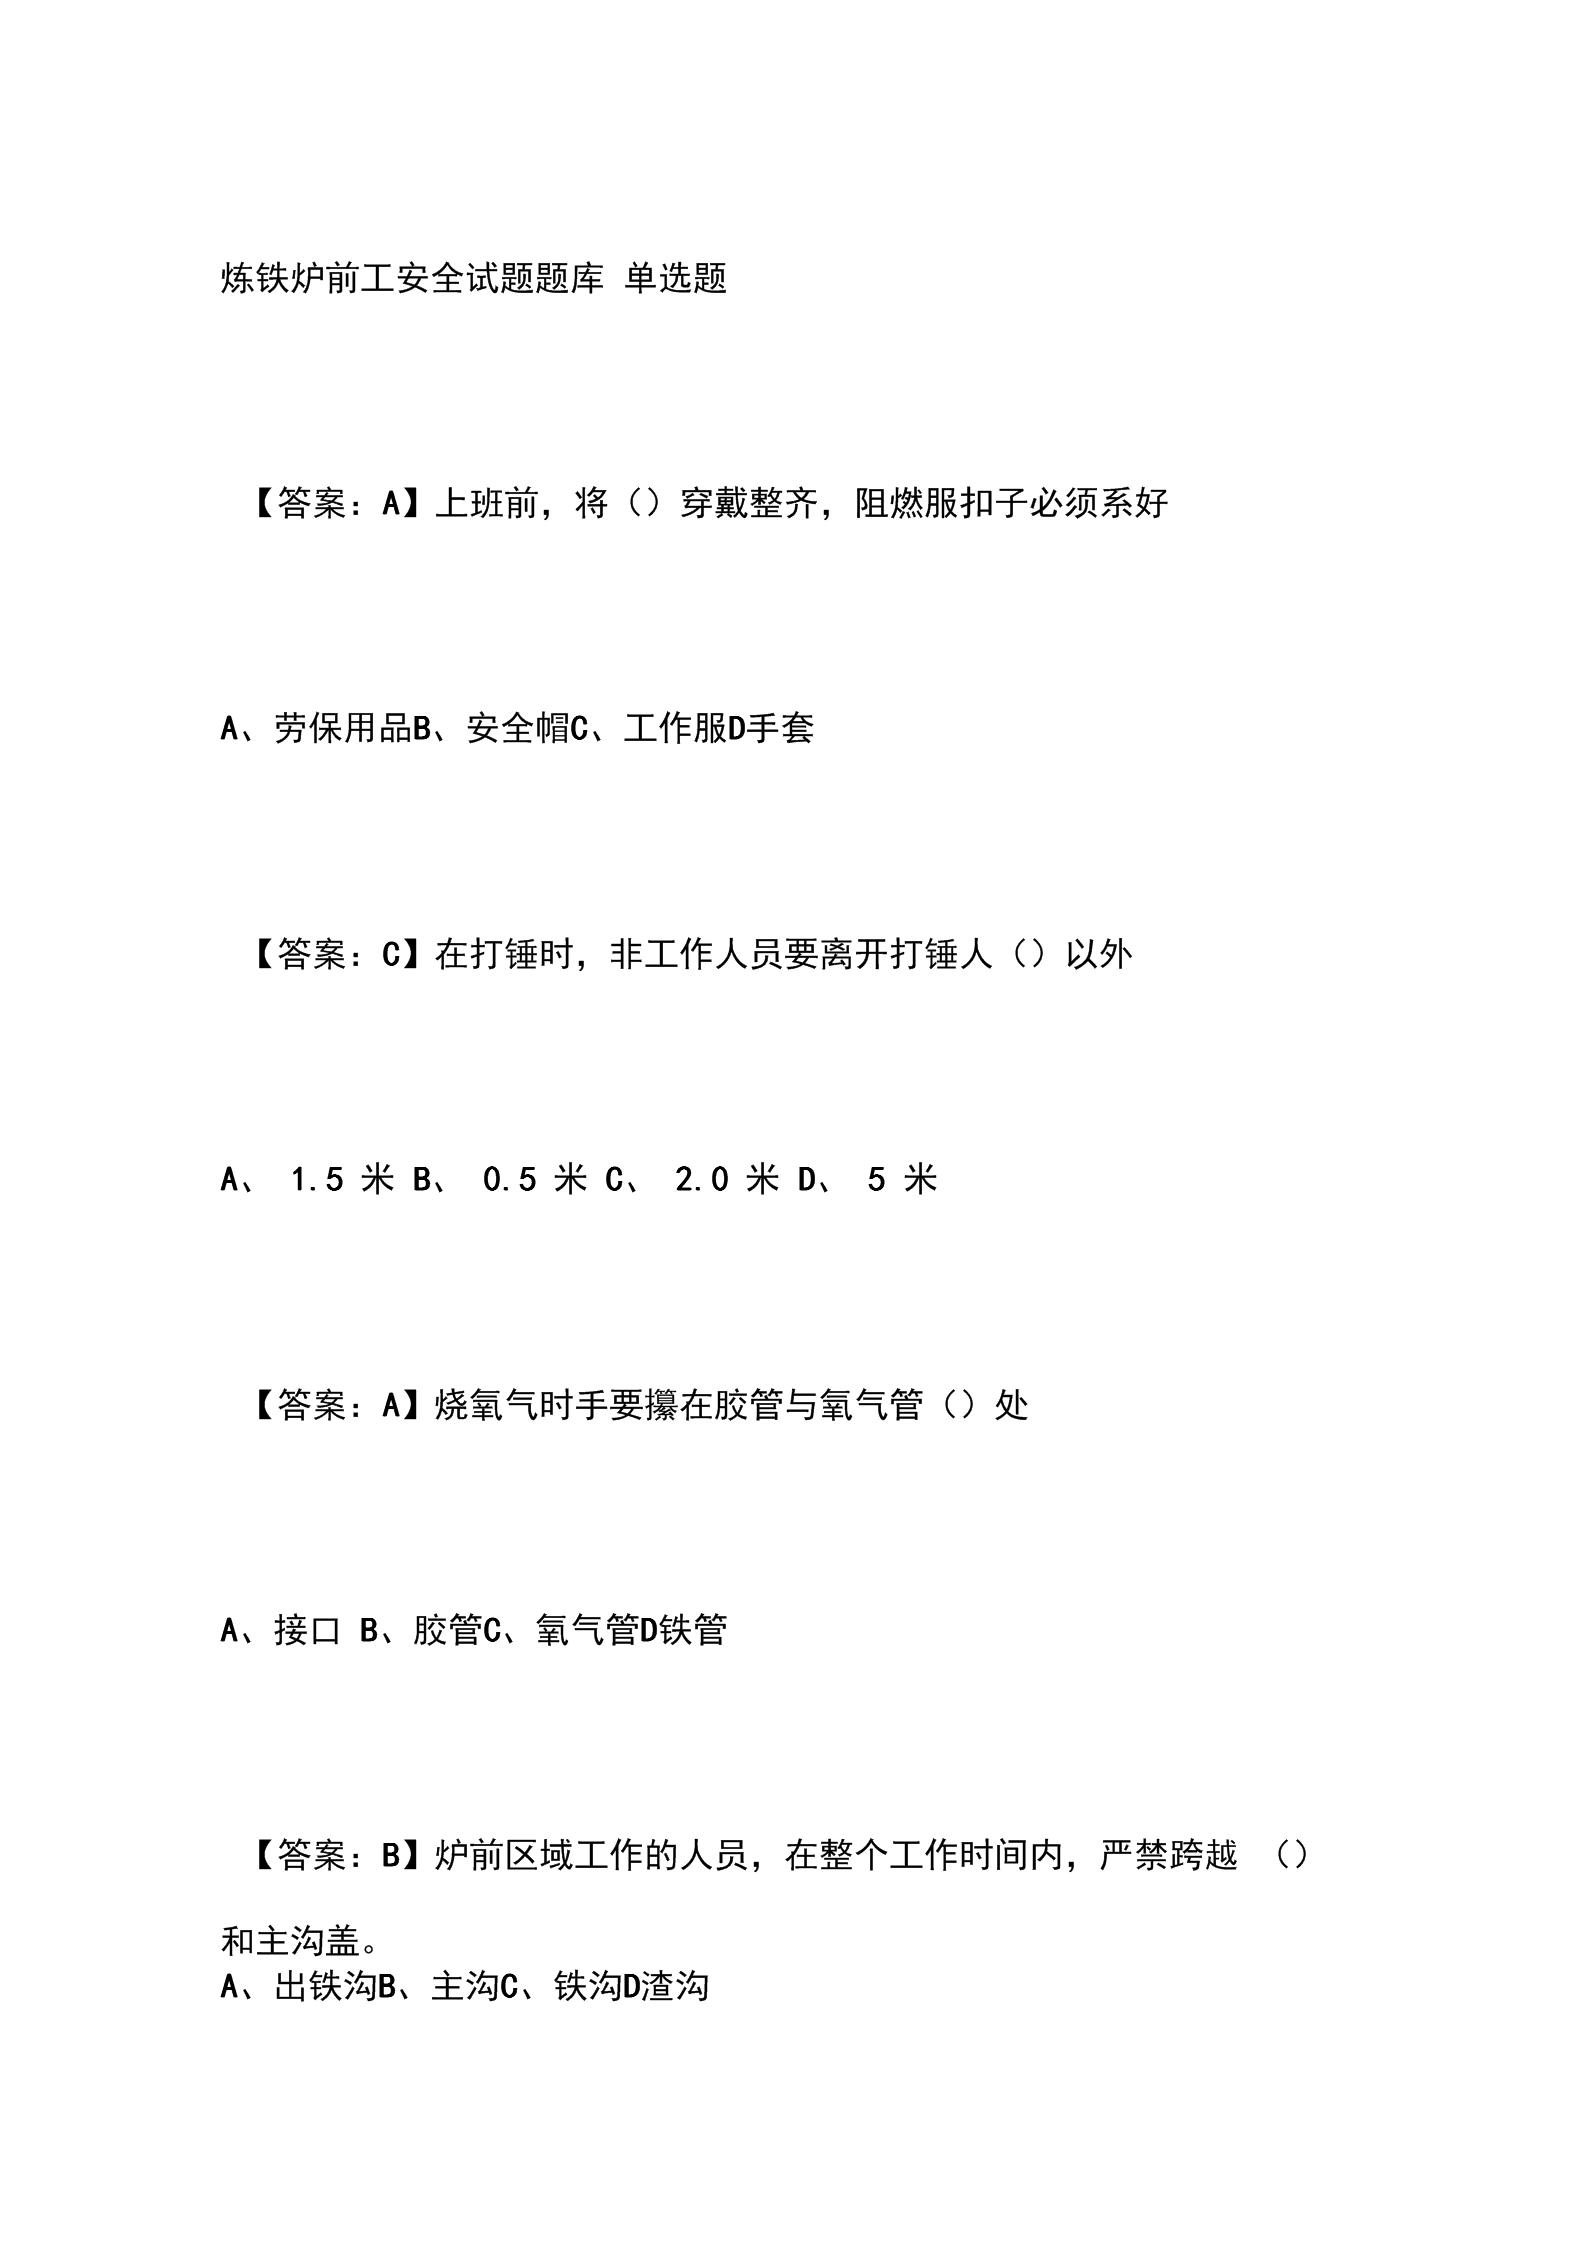 2020炼铁炉前工安全试题题库.docx